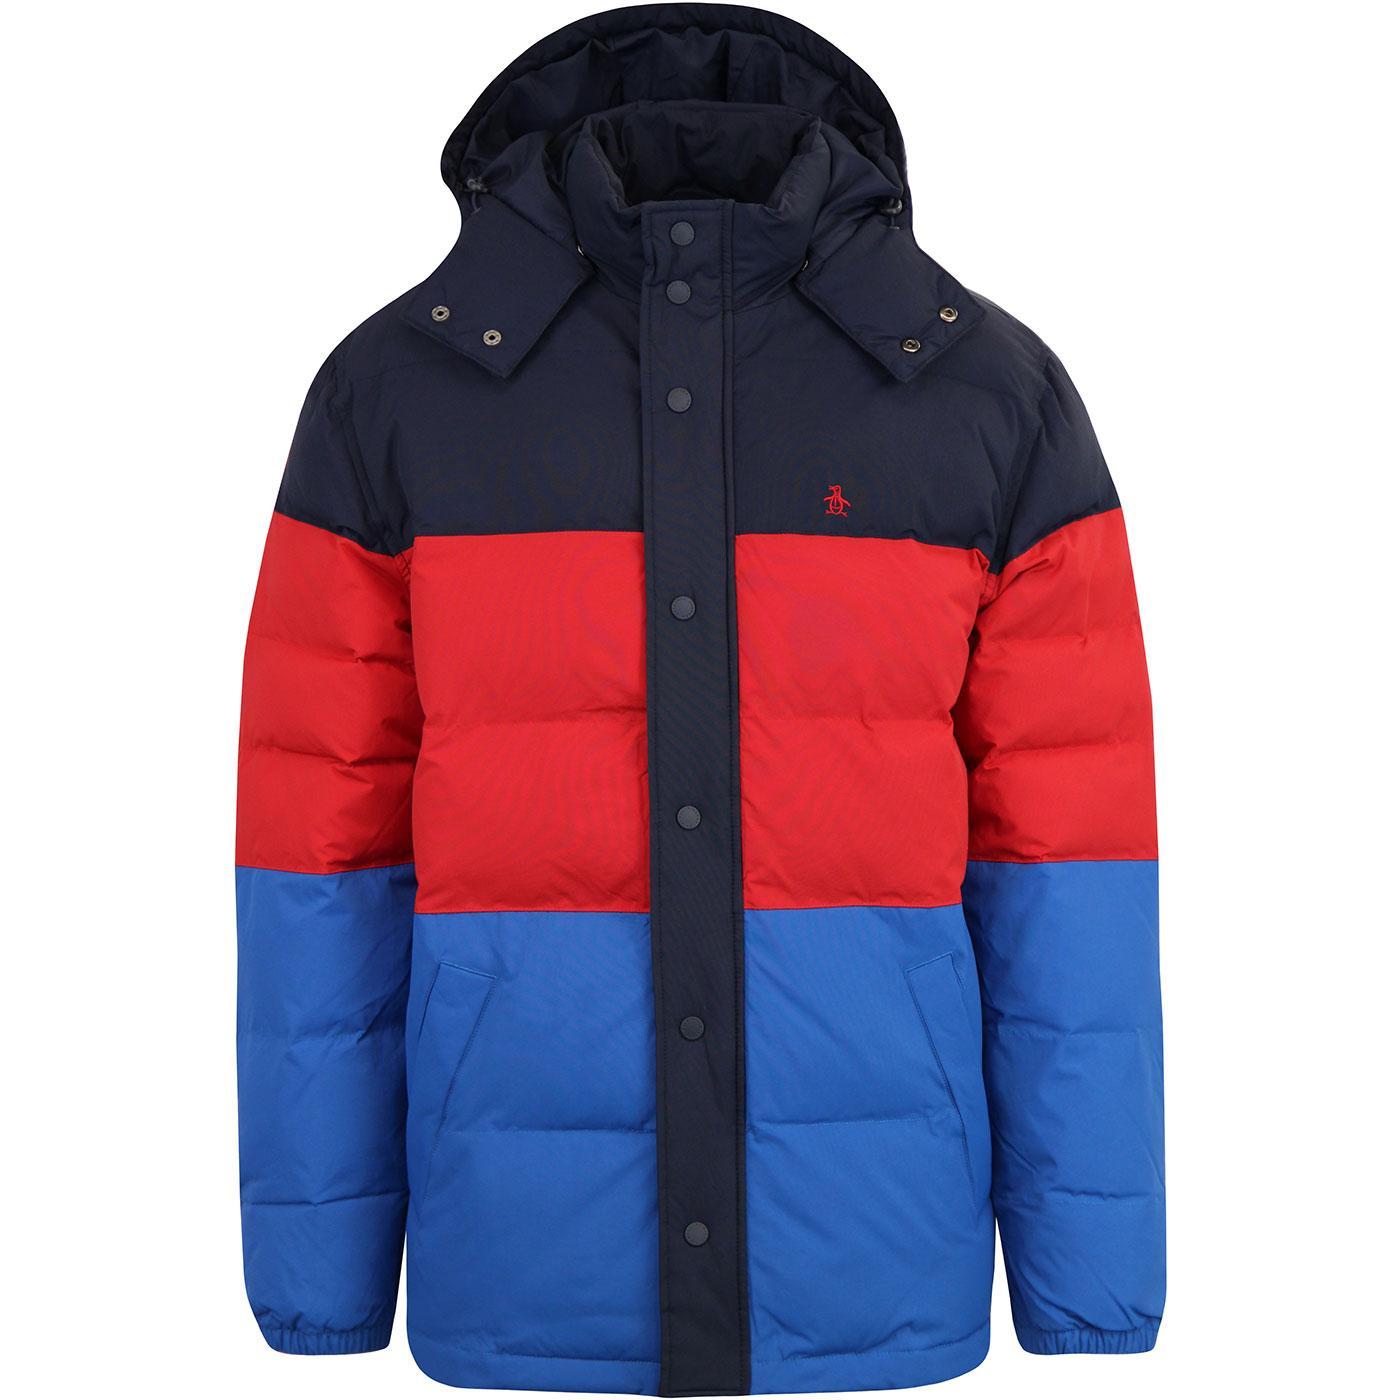 ORIGINAL PENGUIN Men's Retro 70s Ski Puffer Jacket